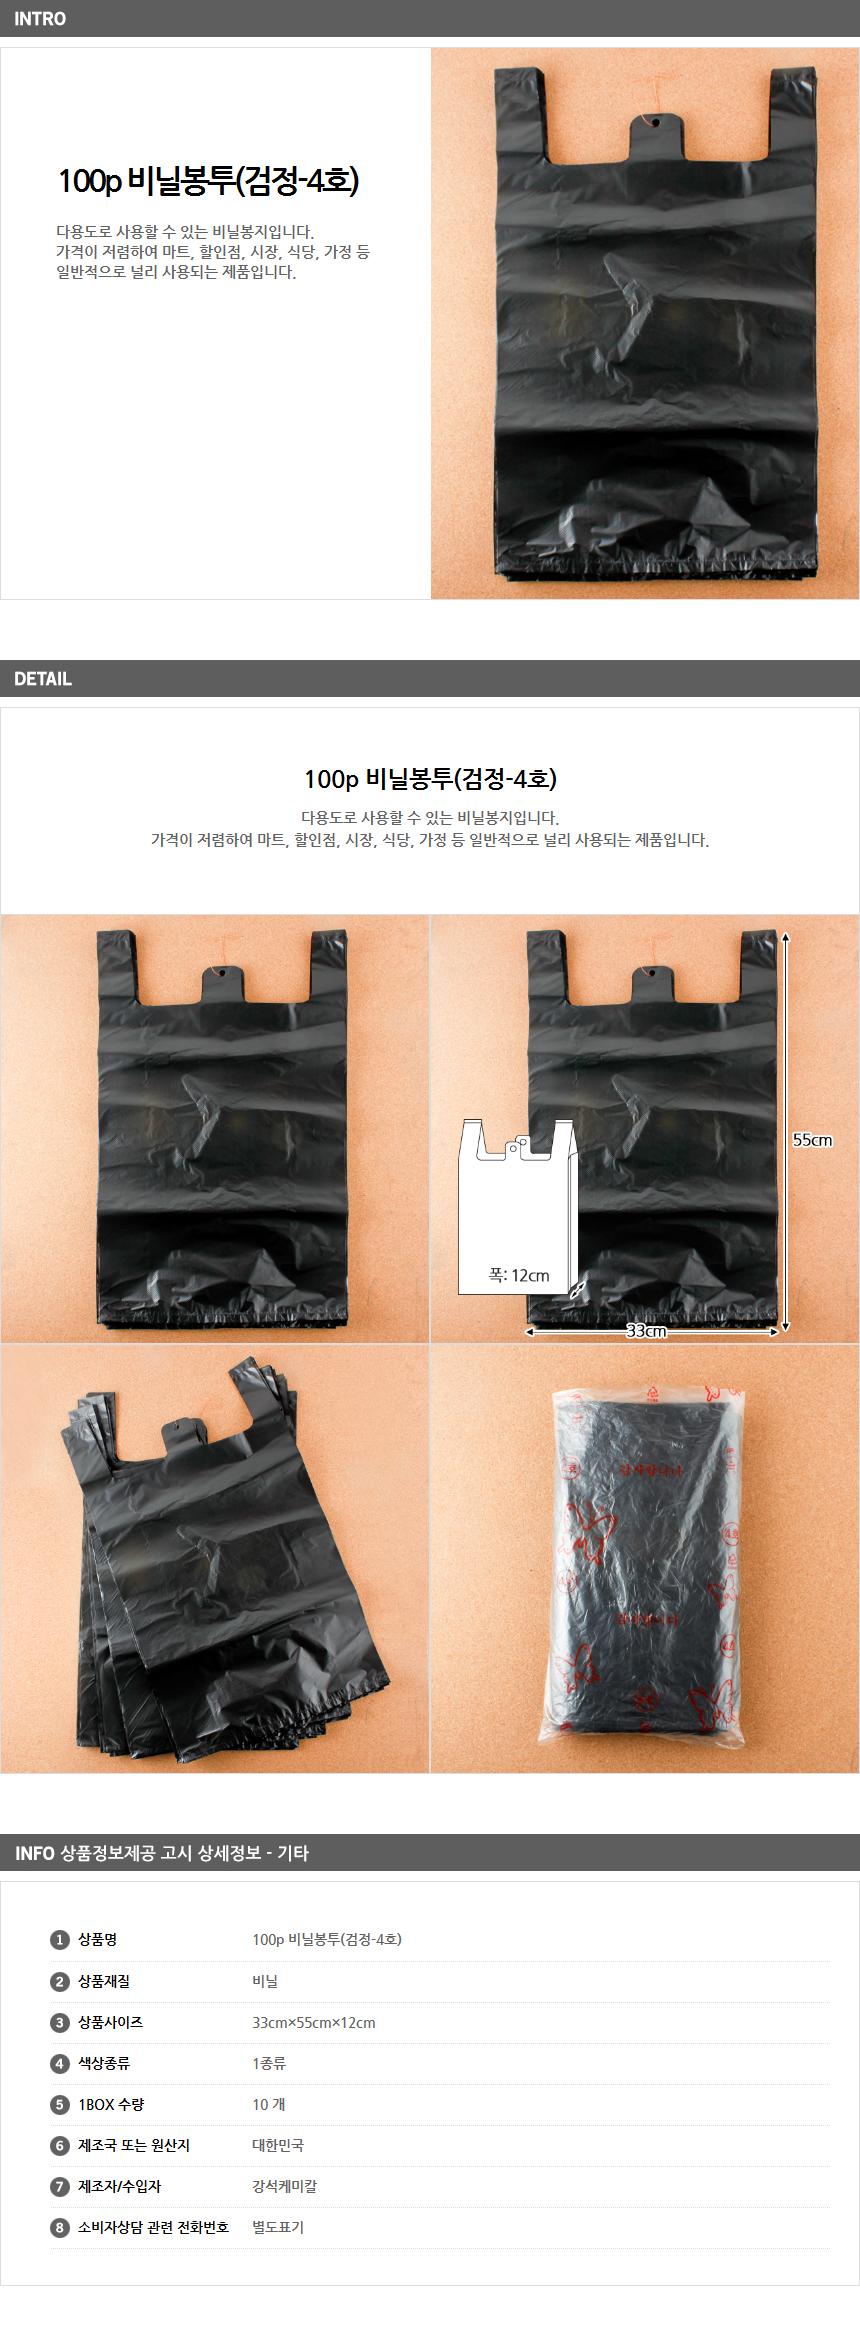 100p 비닐봉투(검정-4호)3,790원-기프트갓디자인문구, 선물포장, 비닐/폴리, 심플바보사랑100p 비닐봉투(검정-4호)3,790원-기프트갓디자인문구, 선물포장, 비닐/폴리, 심플바보사랑